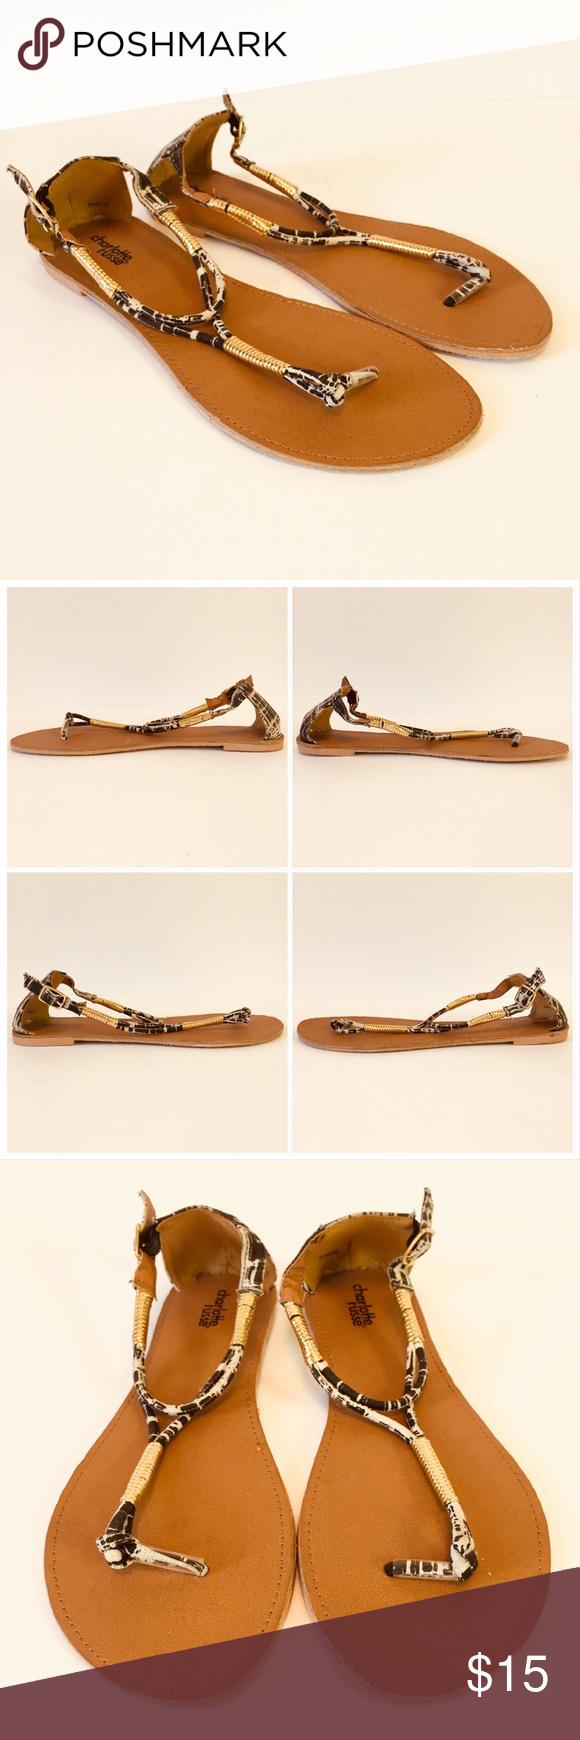 70bdfa53c17e Charlotte Russe Thong Strap Sandal Charlotte Russe Thong Strap Sandal  Womens Size 9 Gold Black White Unworn NWOT Smudges on bottom of heels.